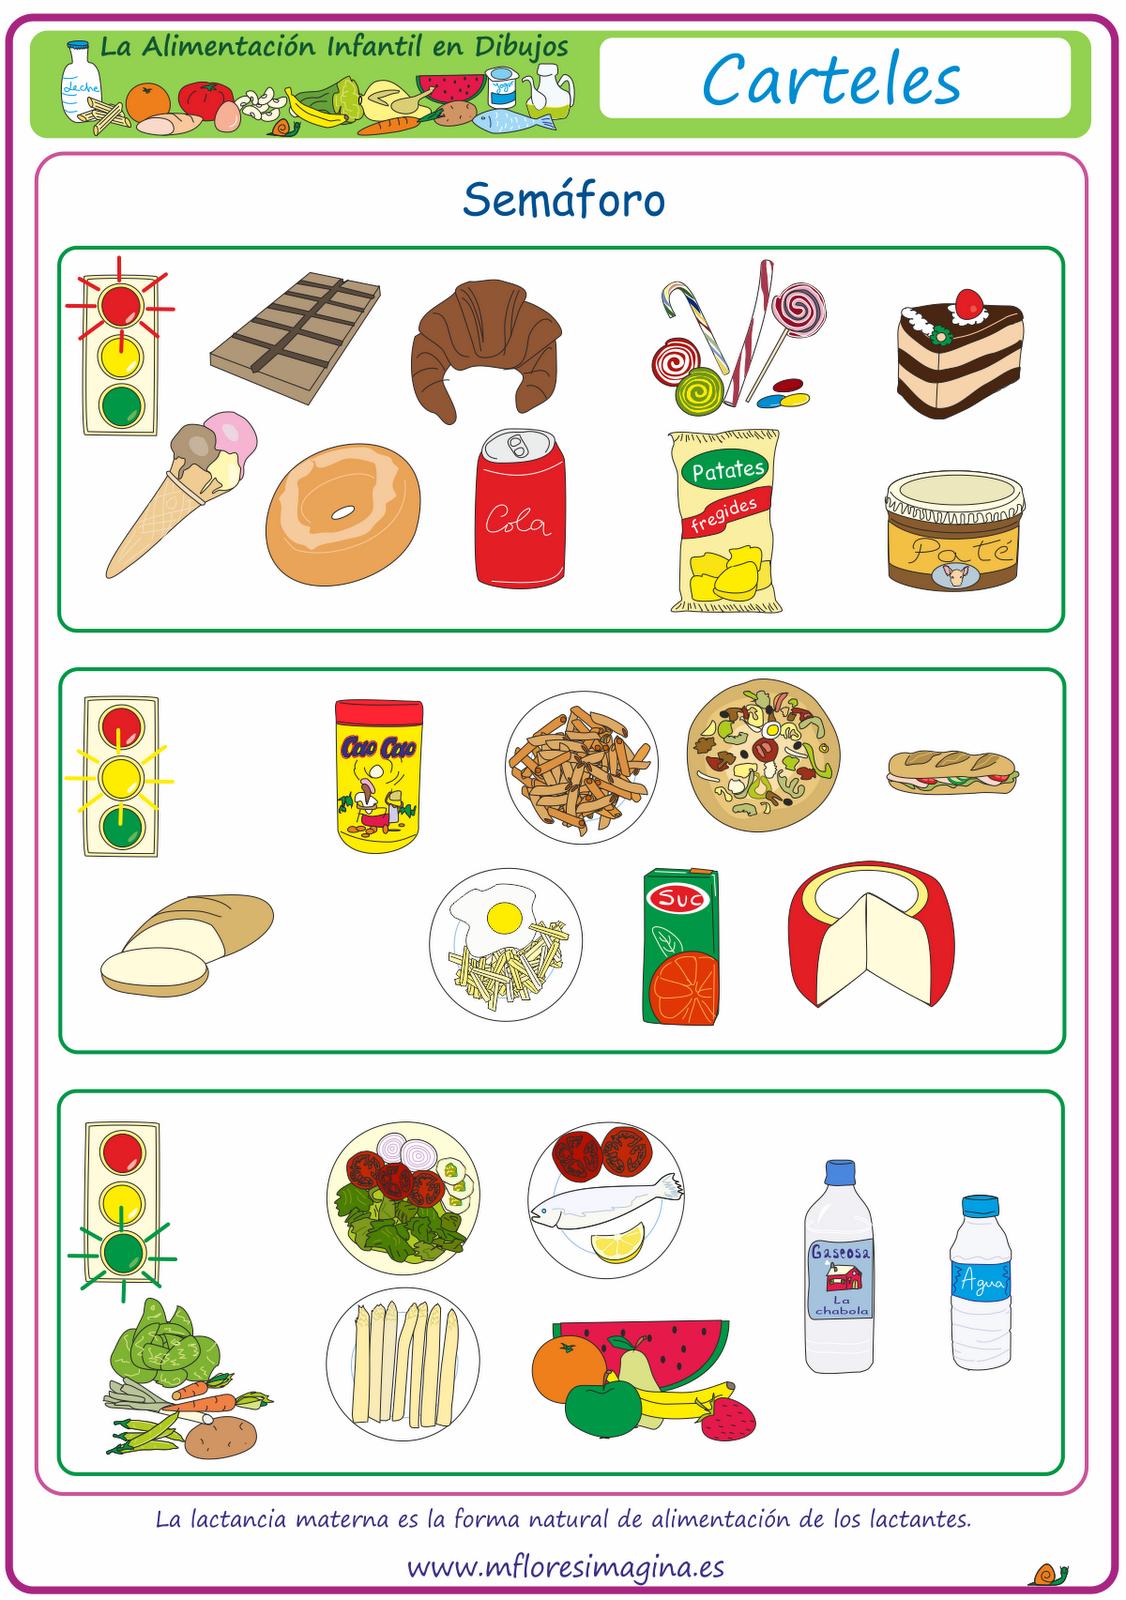 La alimentaci n infantil en dibujos sem foro for Cartel comedor infantil